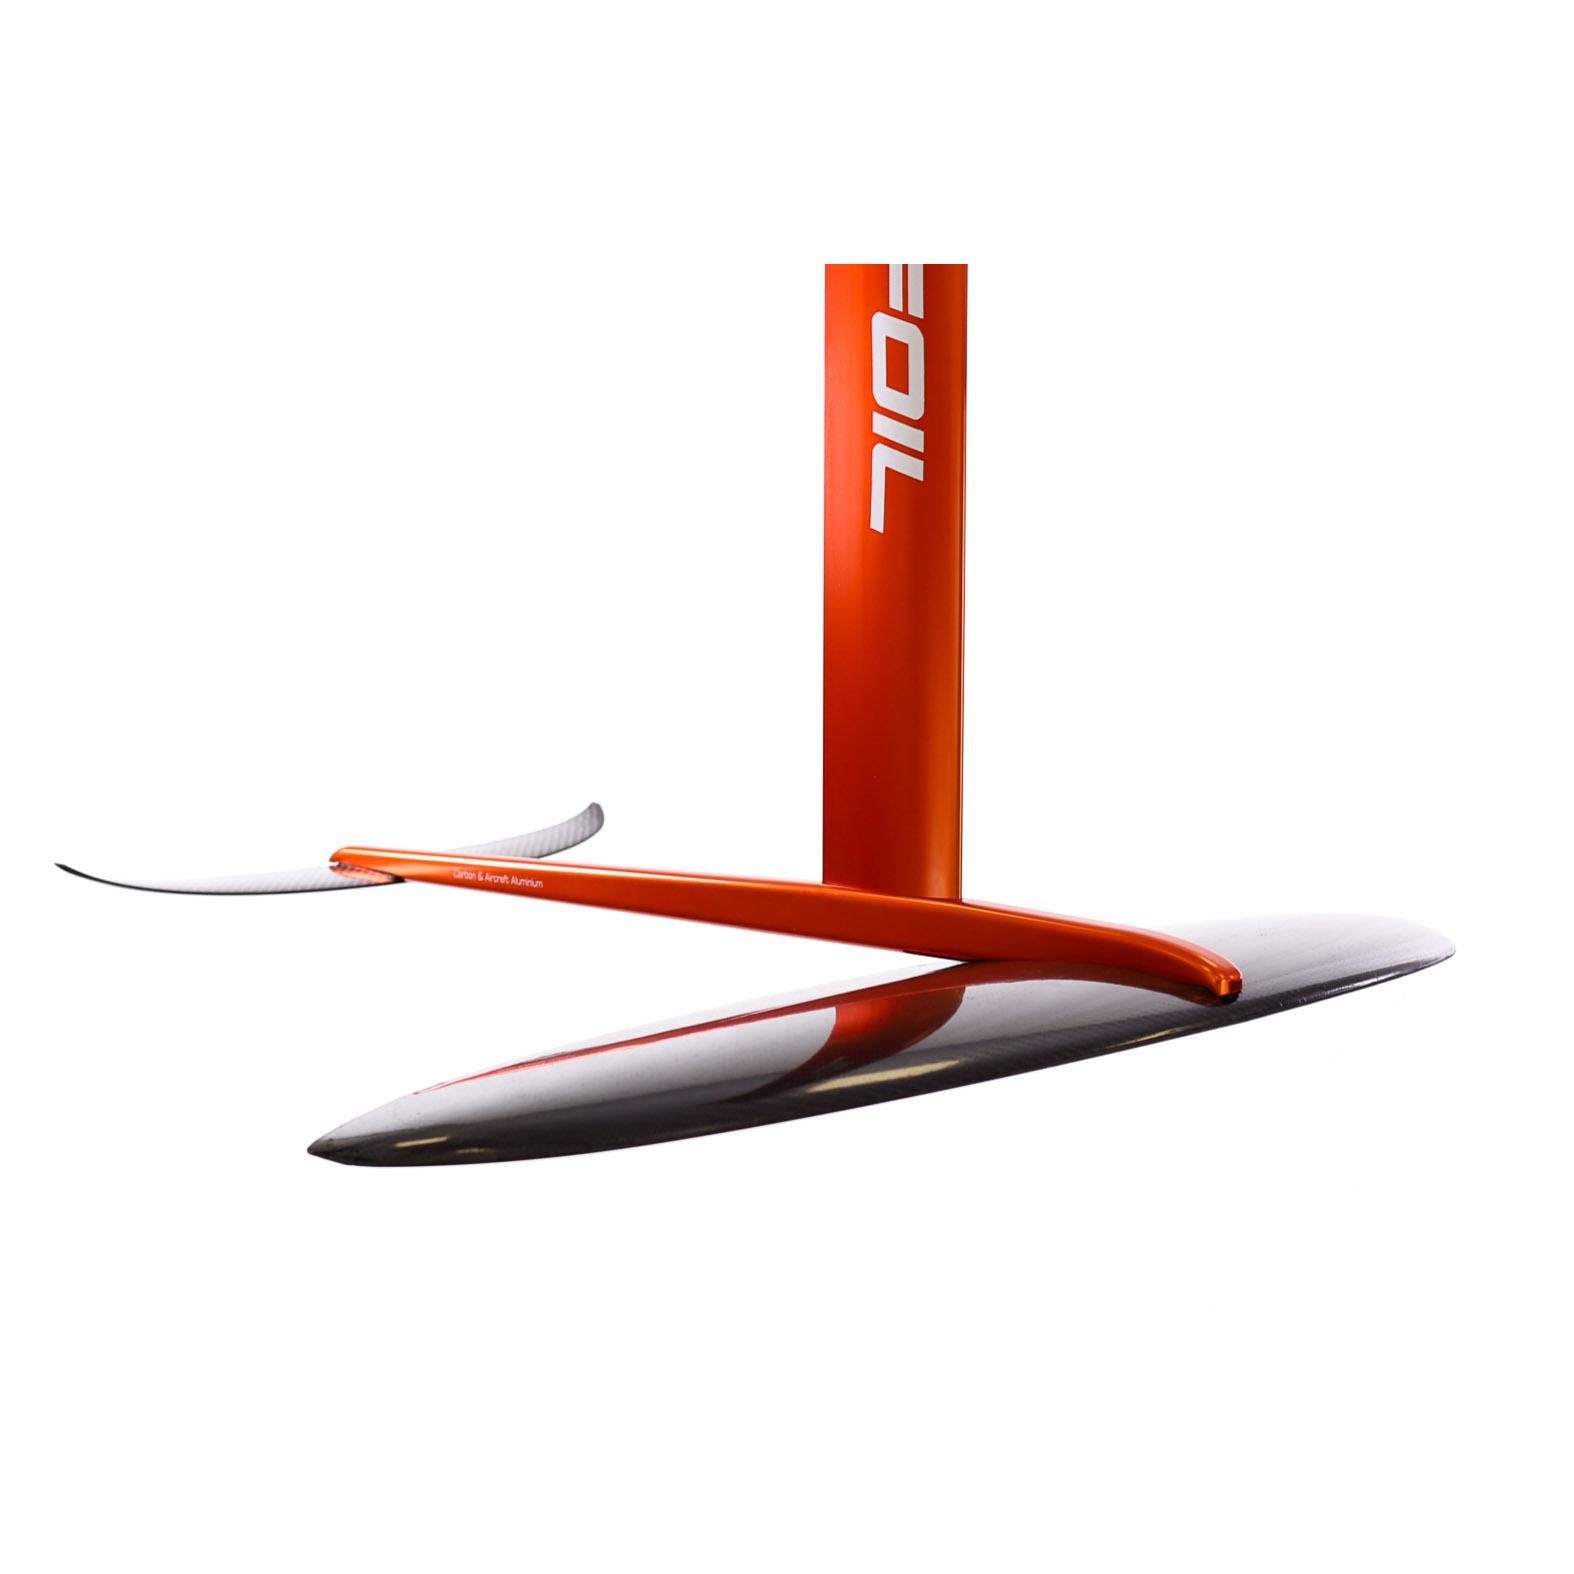 Alpinefoil ezee wingfoil 13